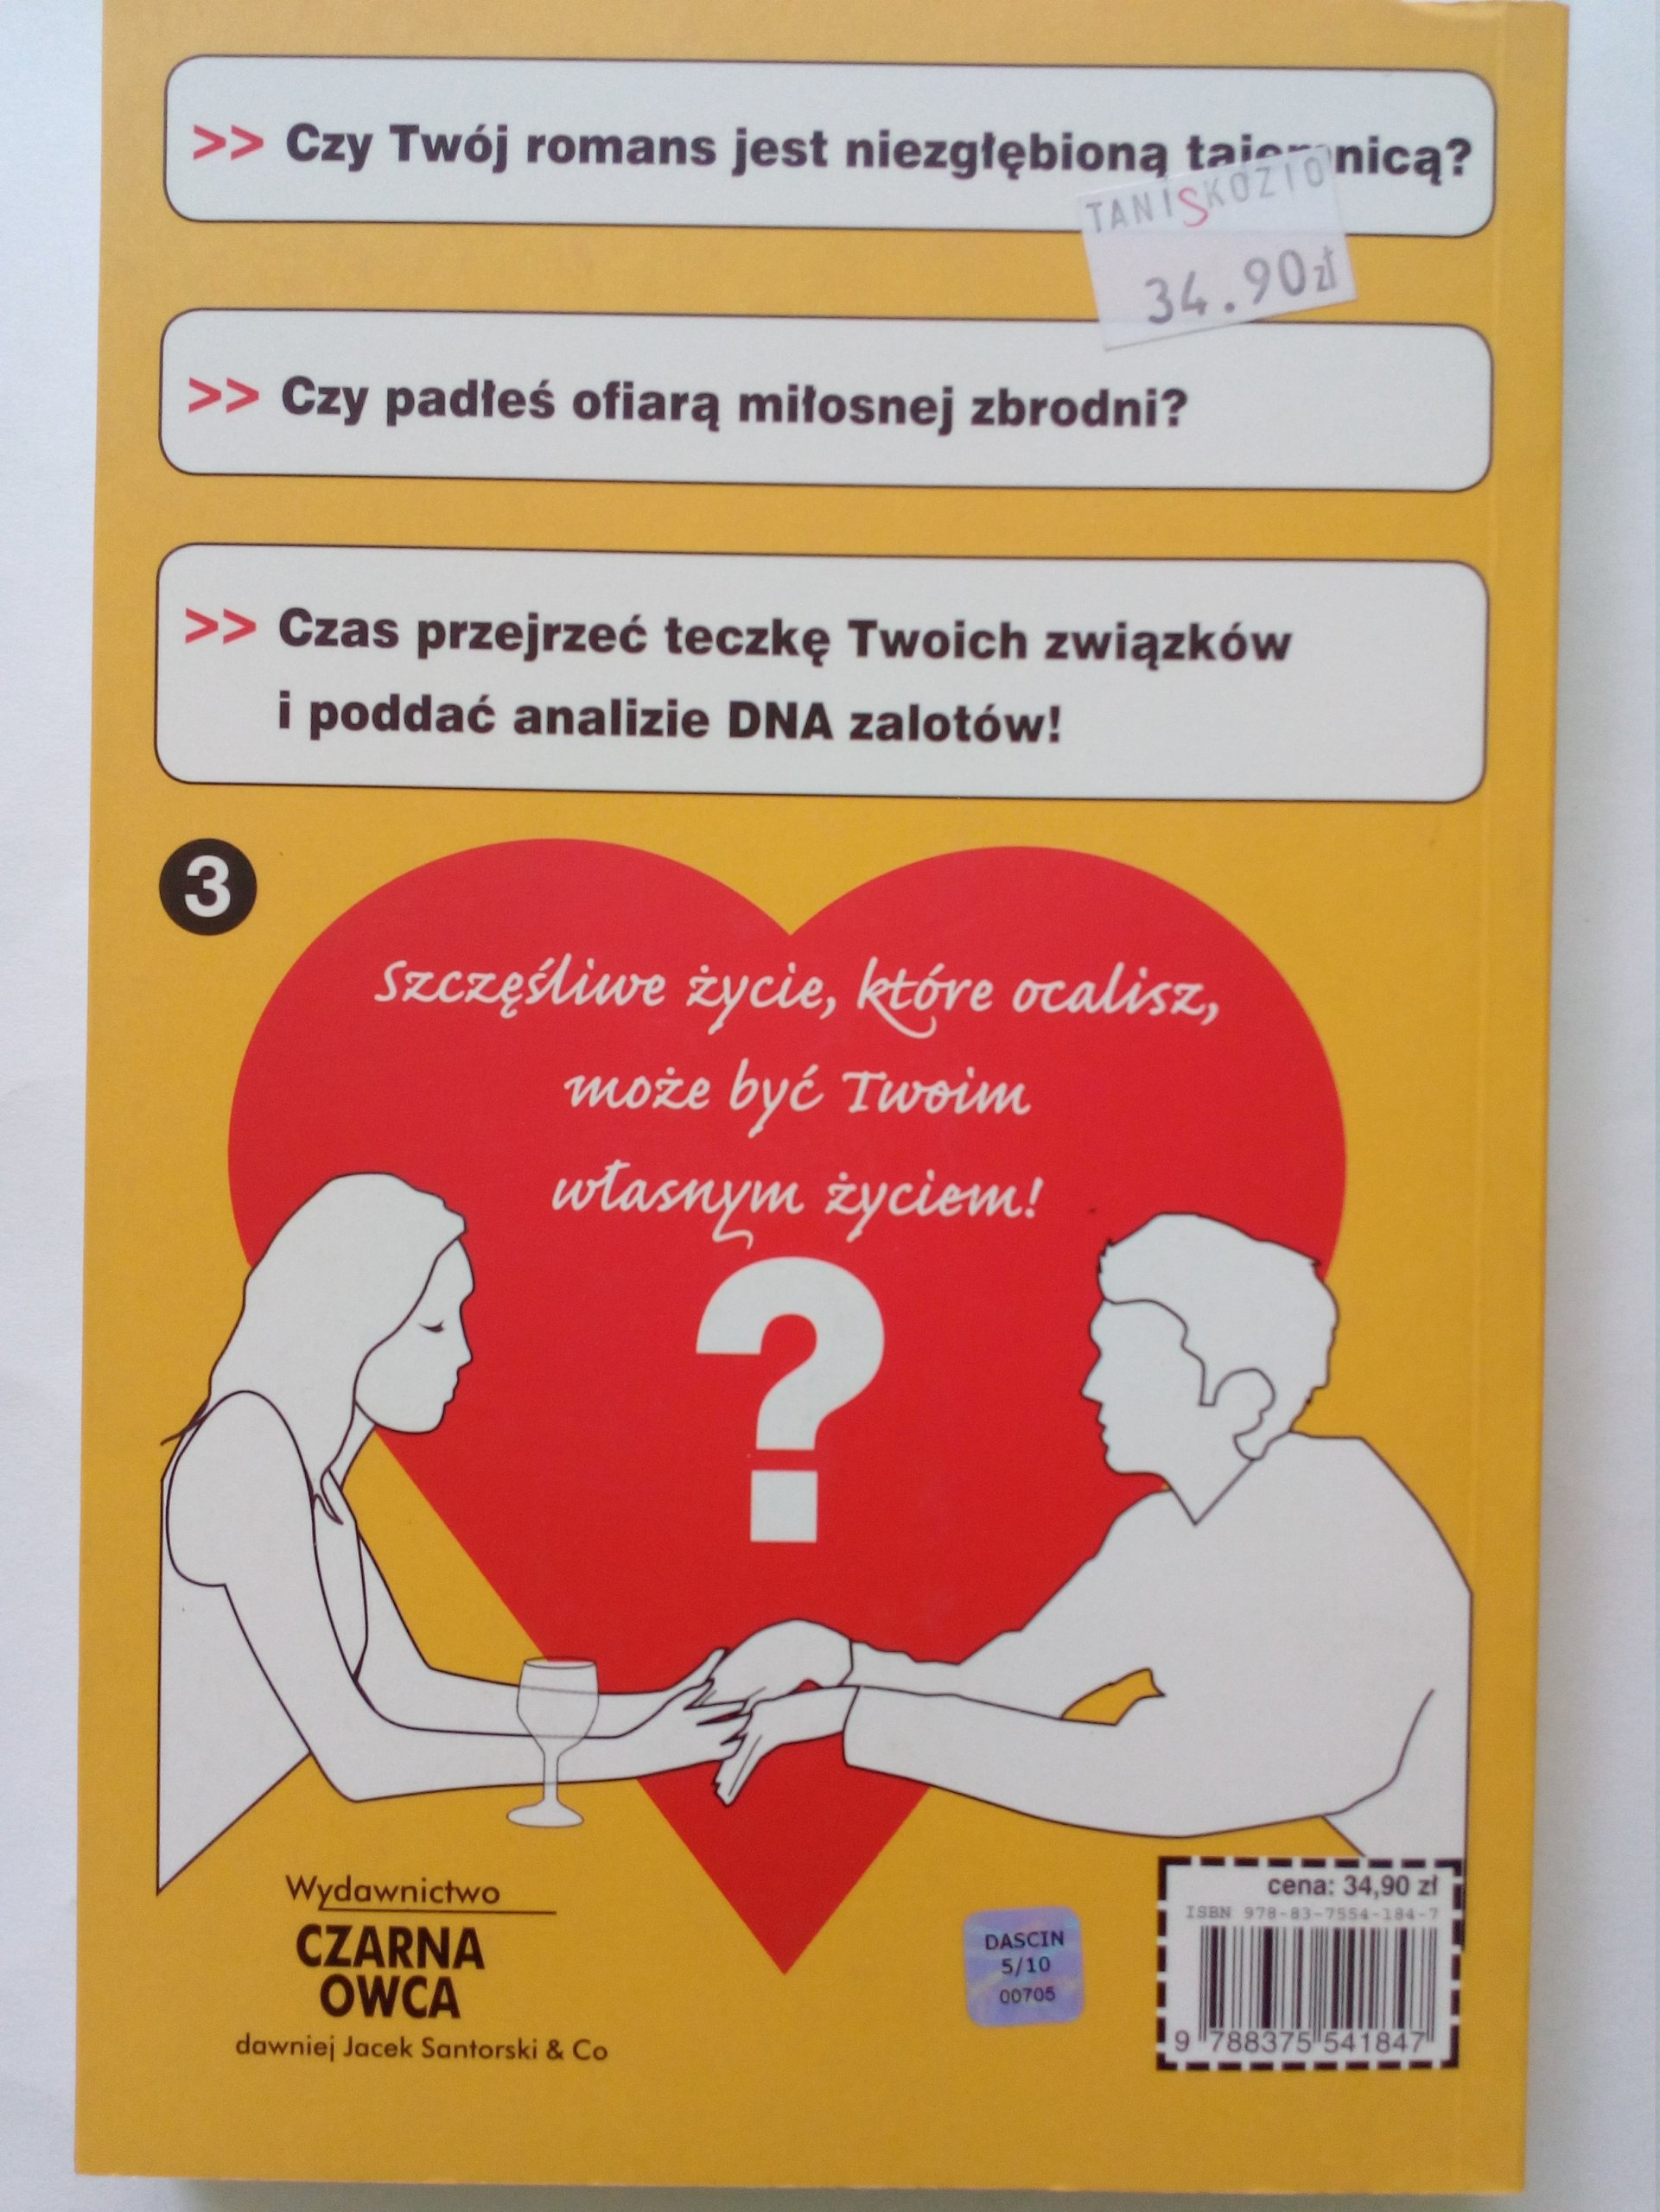 nauczanie o randkach i związkachszybkie randki Milton Keynes